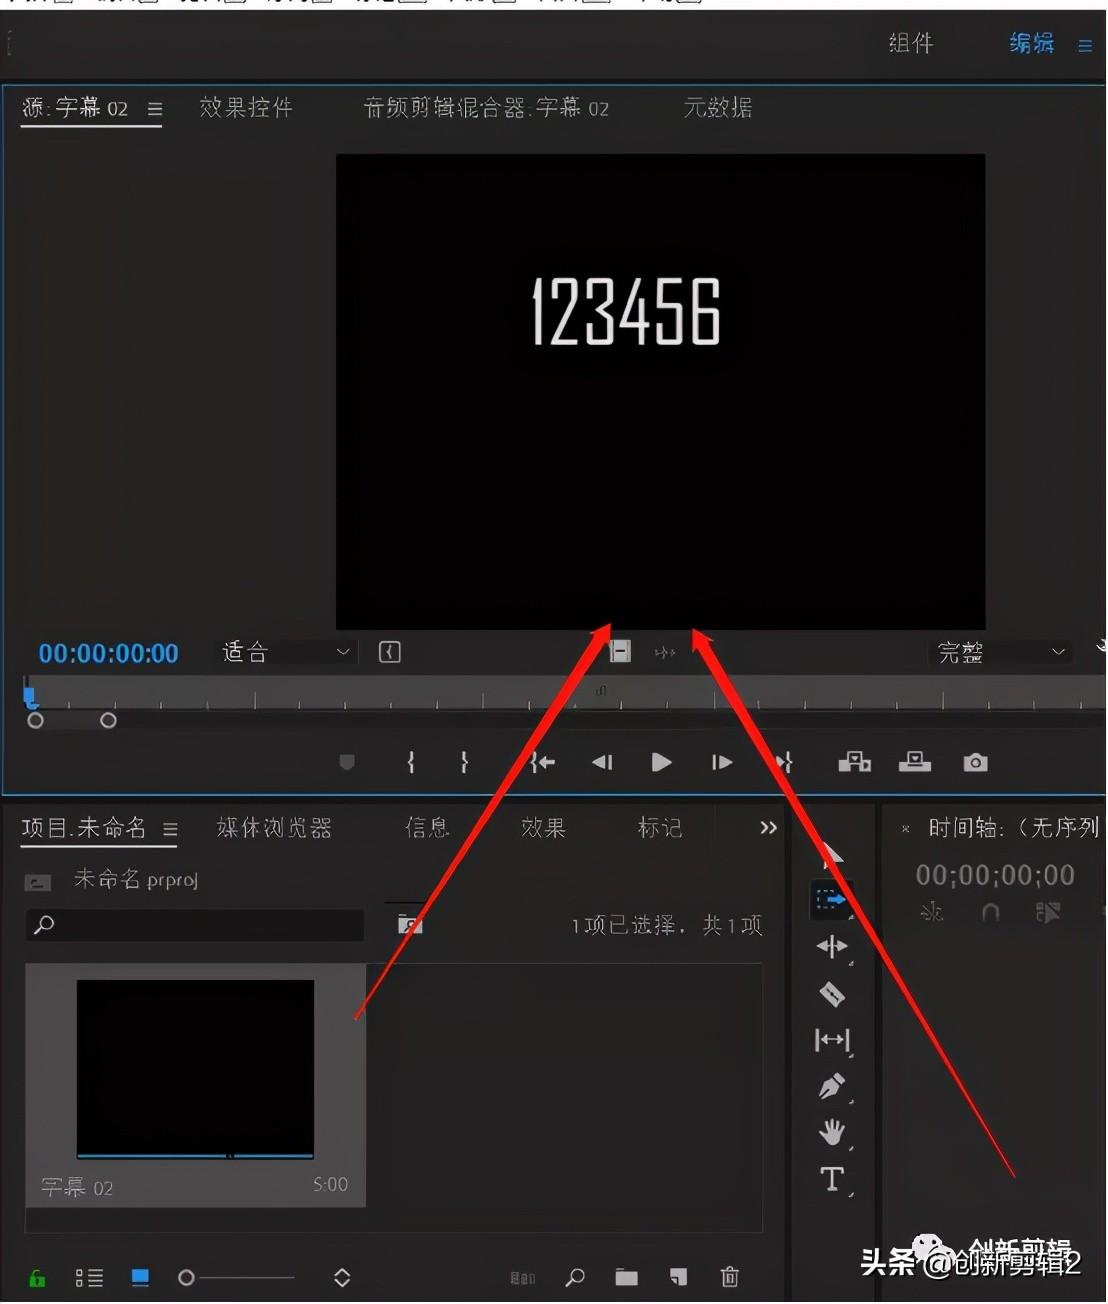 pr滚动字幕怎么做(pr如何让字幕滚动从下往上)